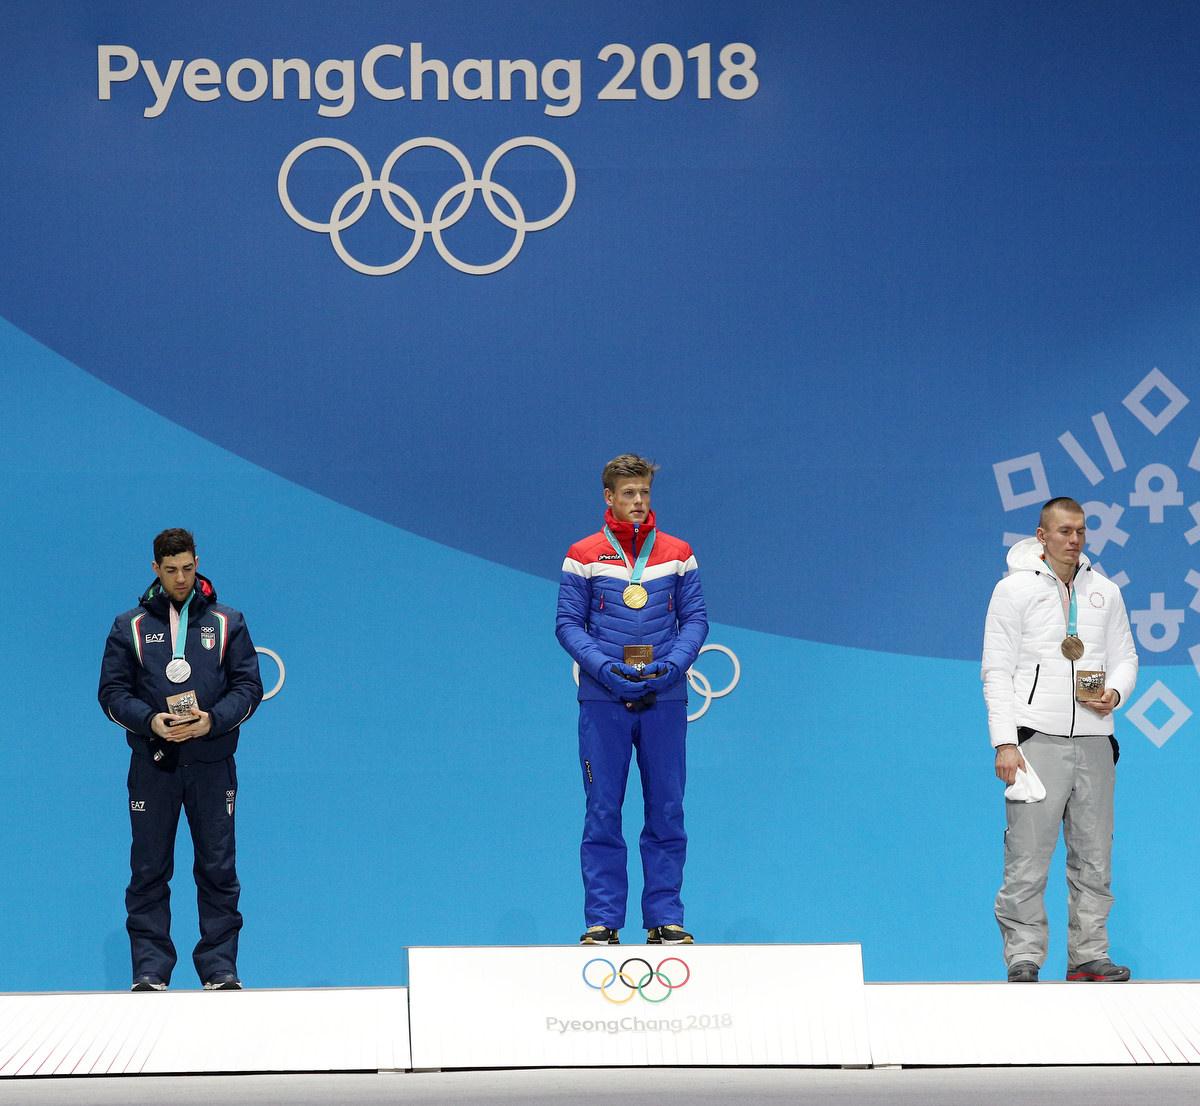 180214_008_pellegrino_medal_plaza_pagliaricci_-_gmt_20180214_1475369556